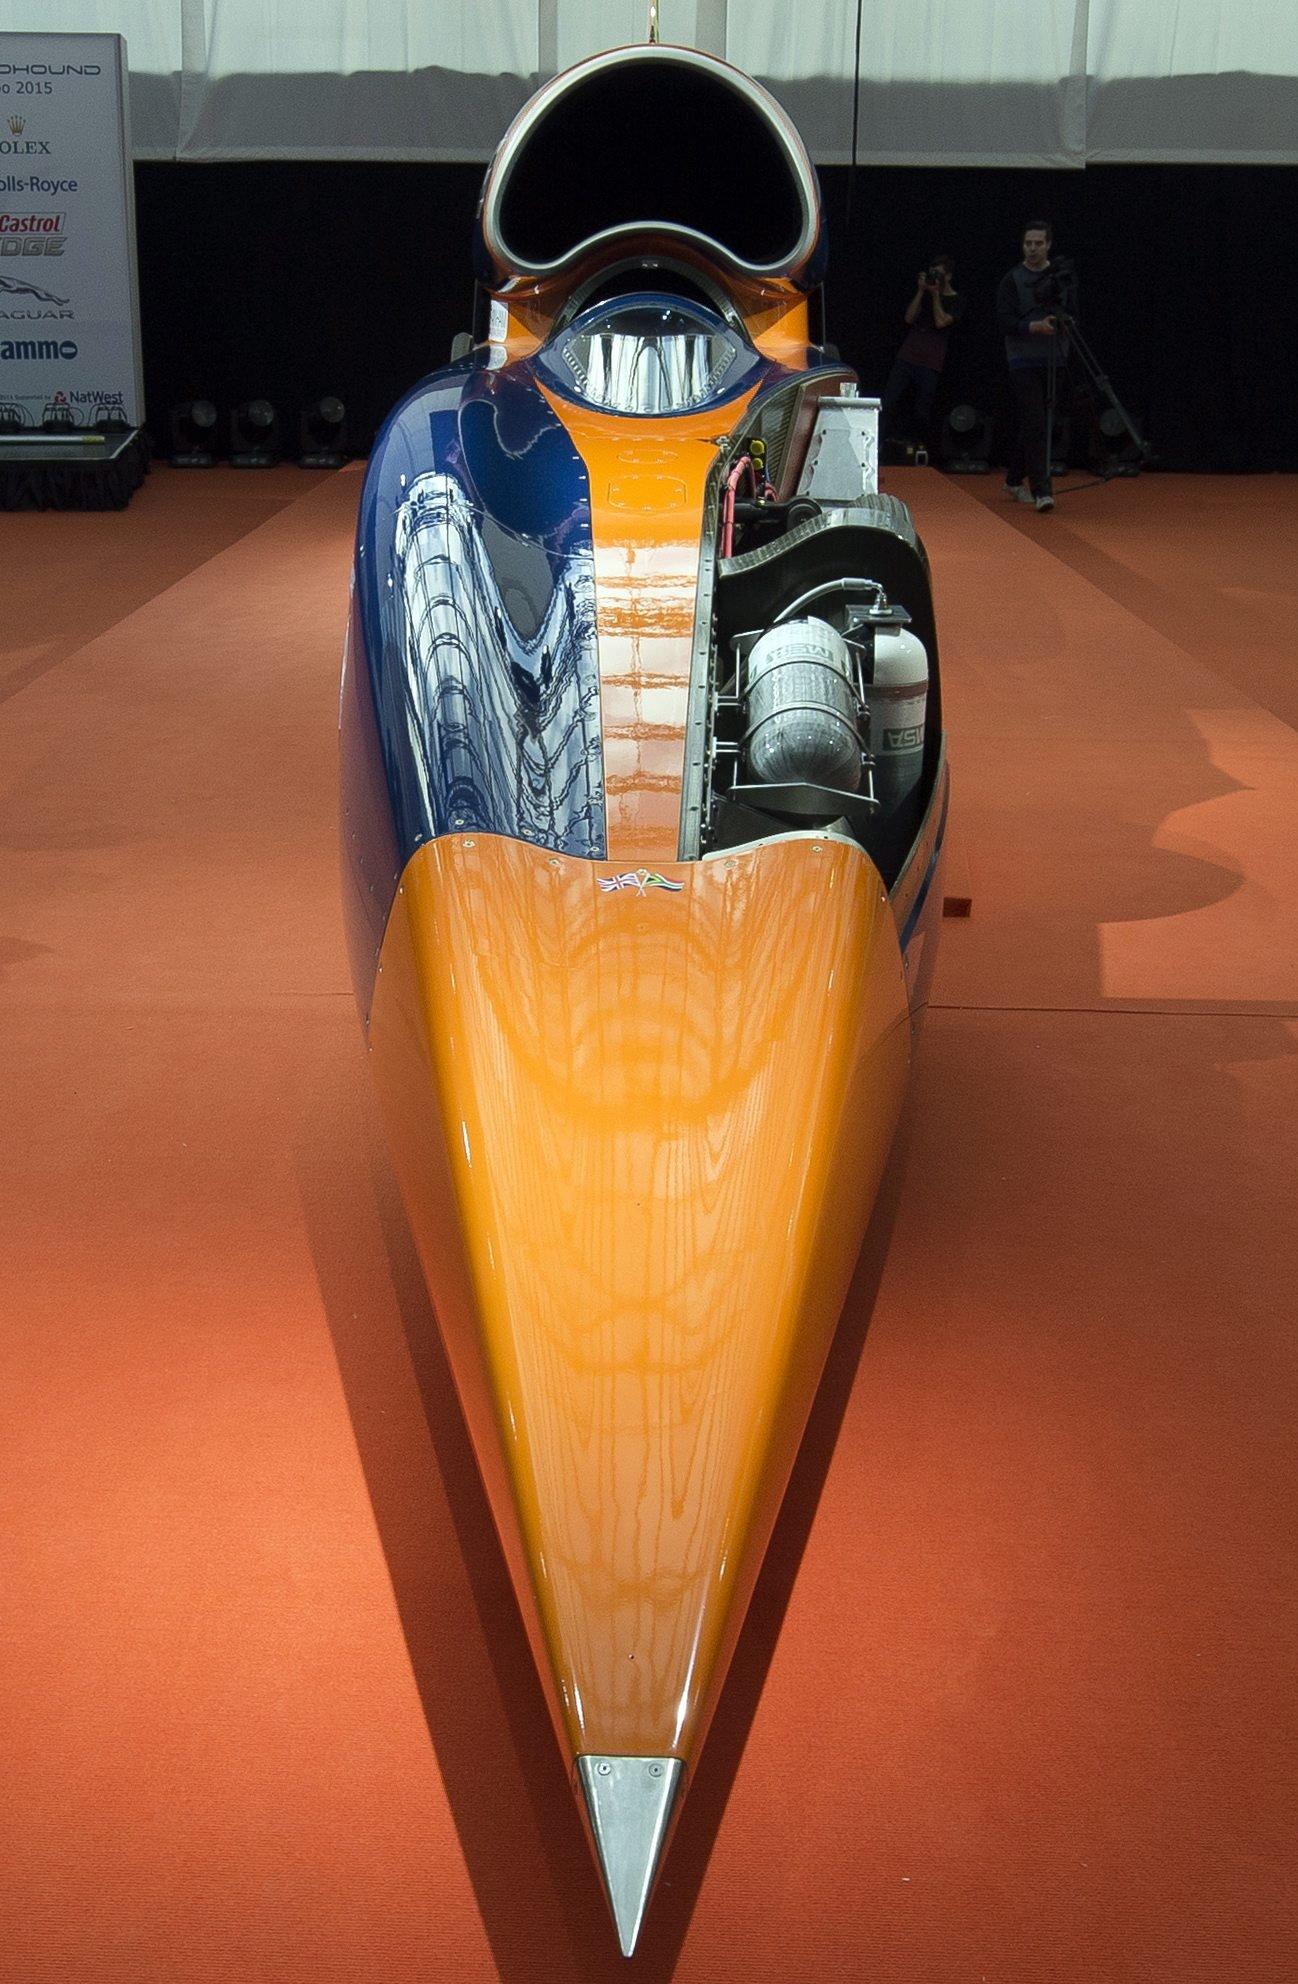 Die Leistung des Bloodhound SSC entspricht 180 Formel-1-Wagen.